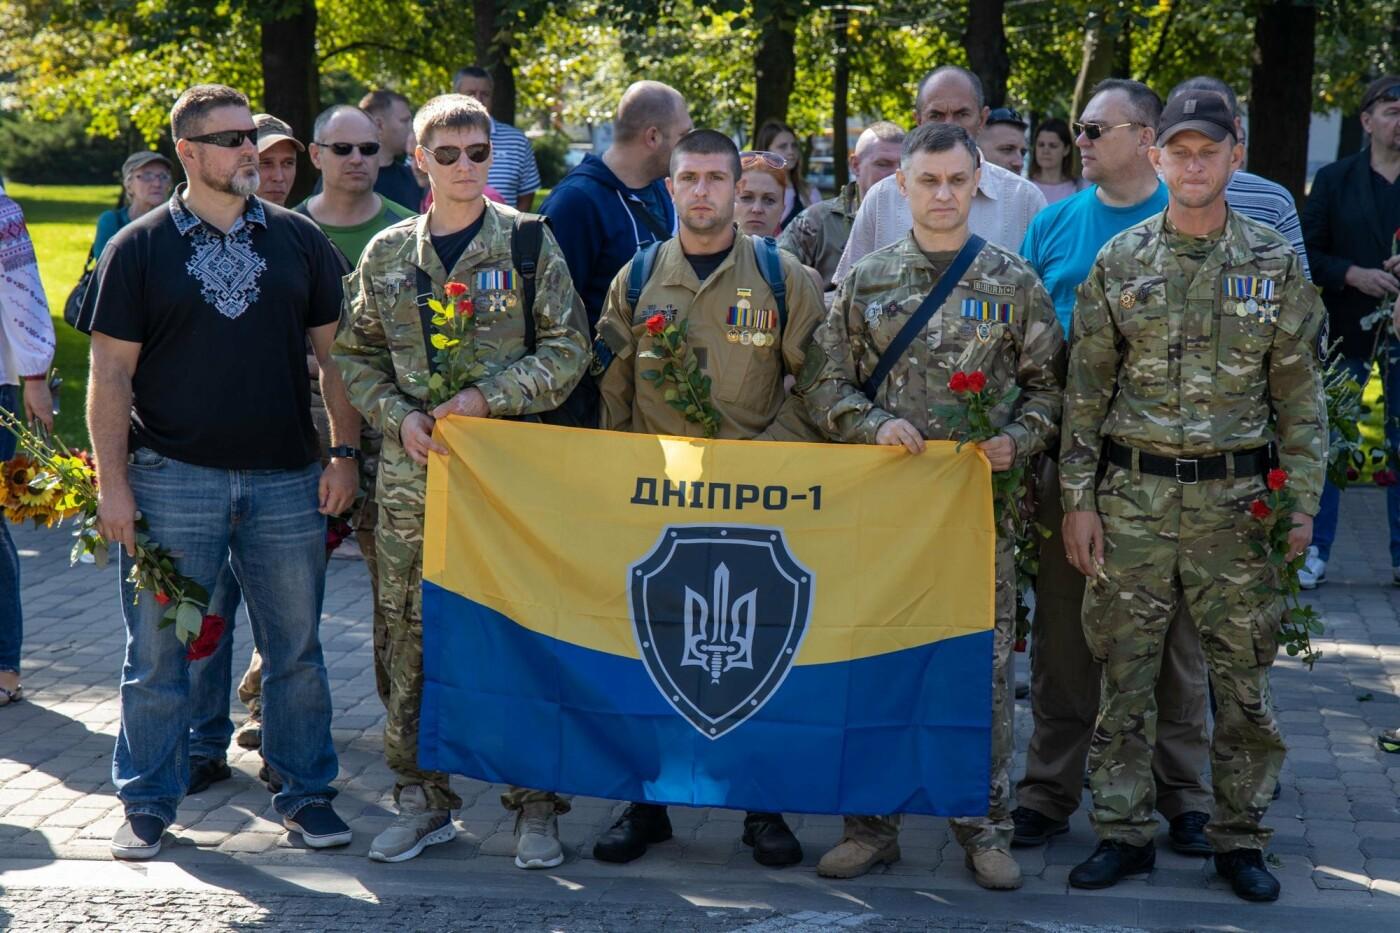 В Днепре почтили память погибших защитников Украины, - ФОТО, фото-7